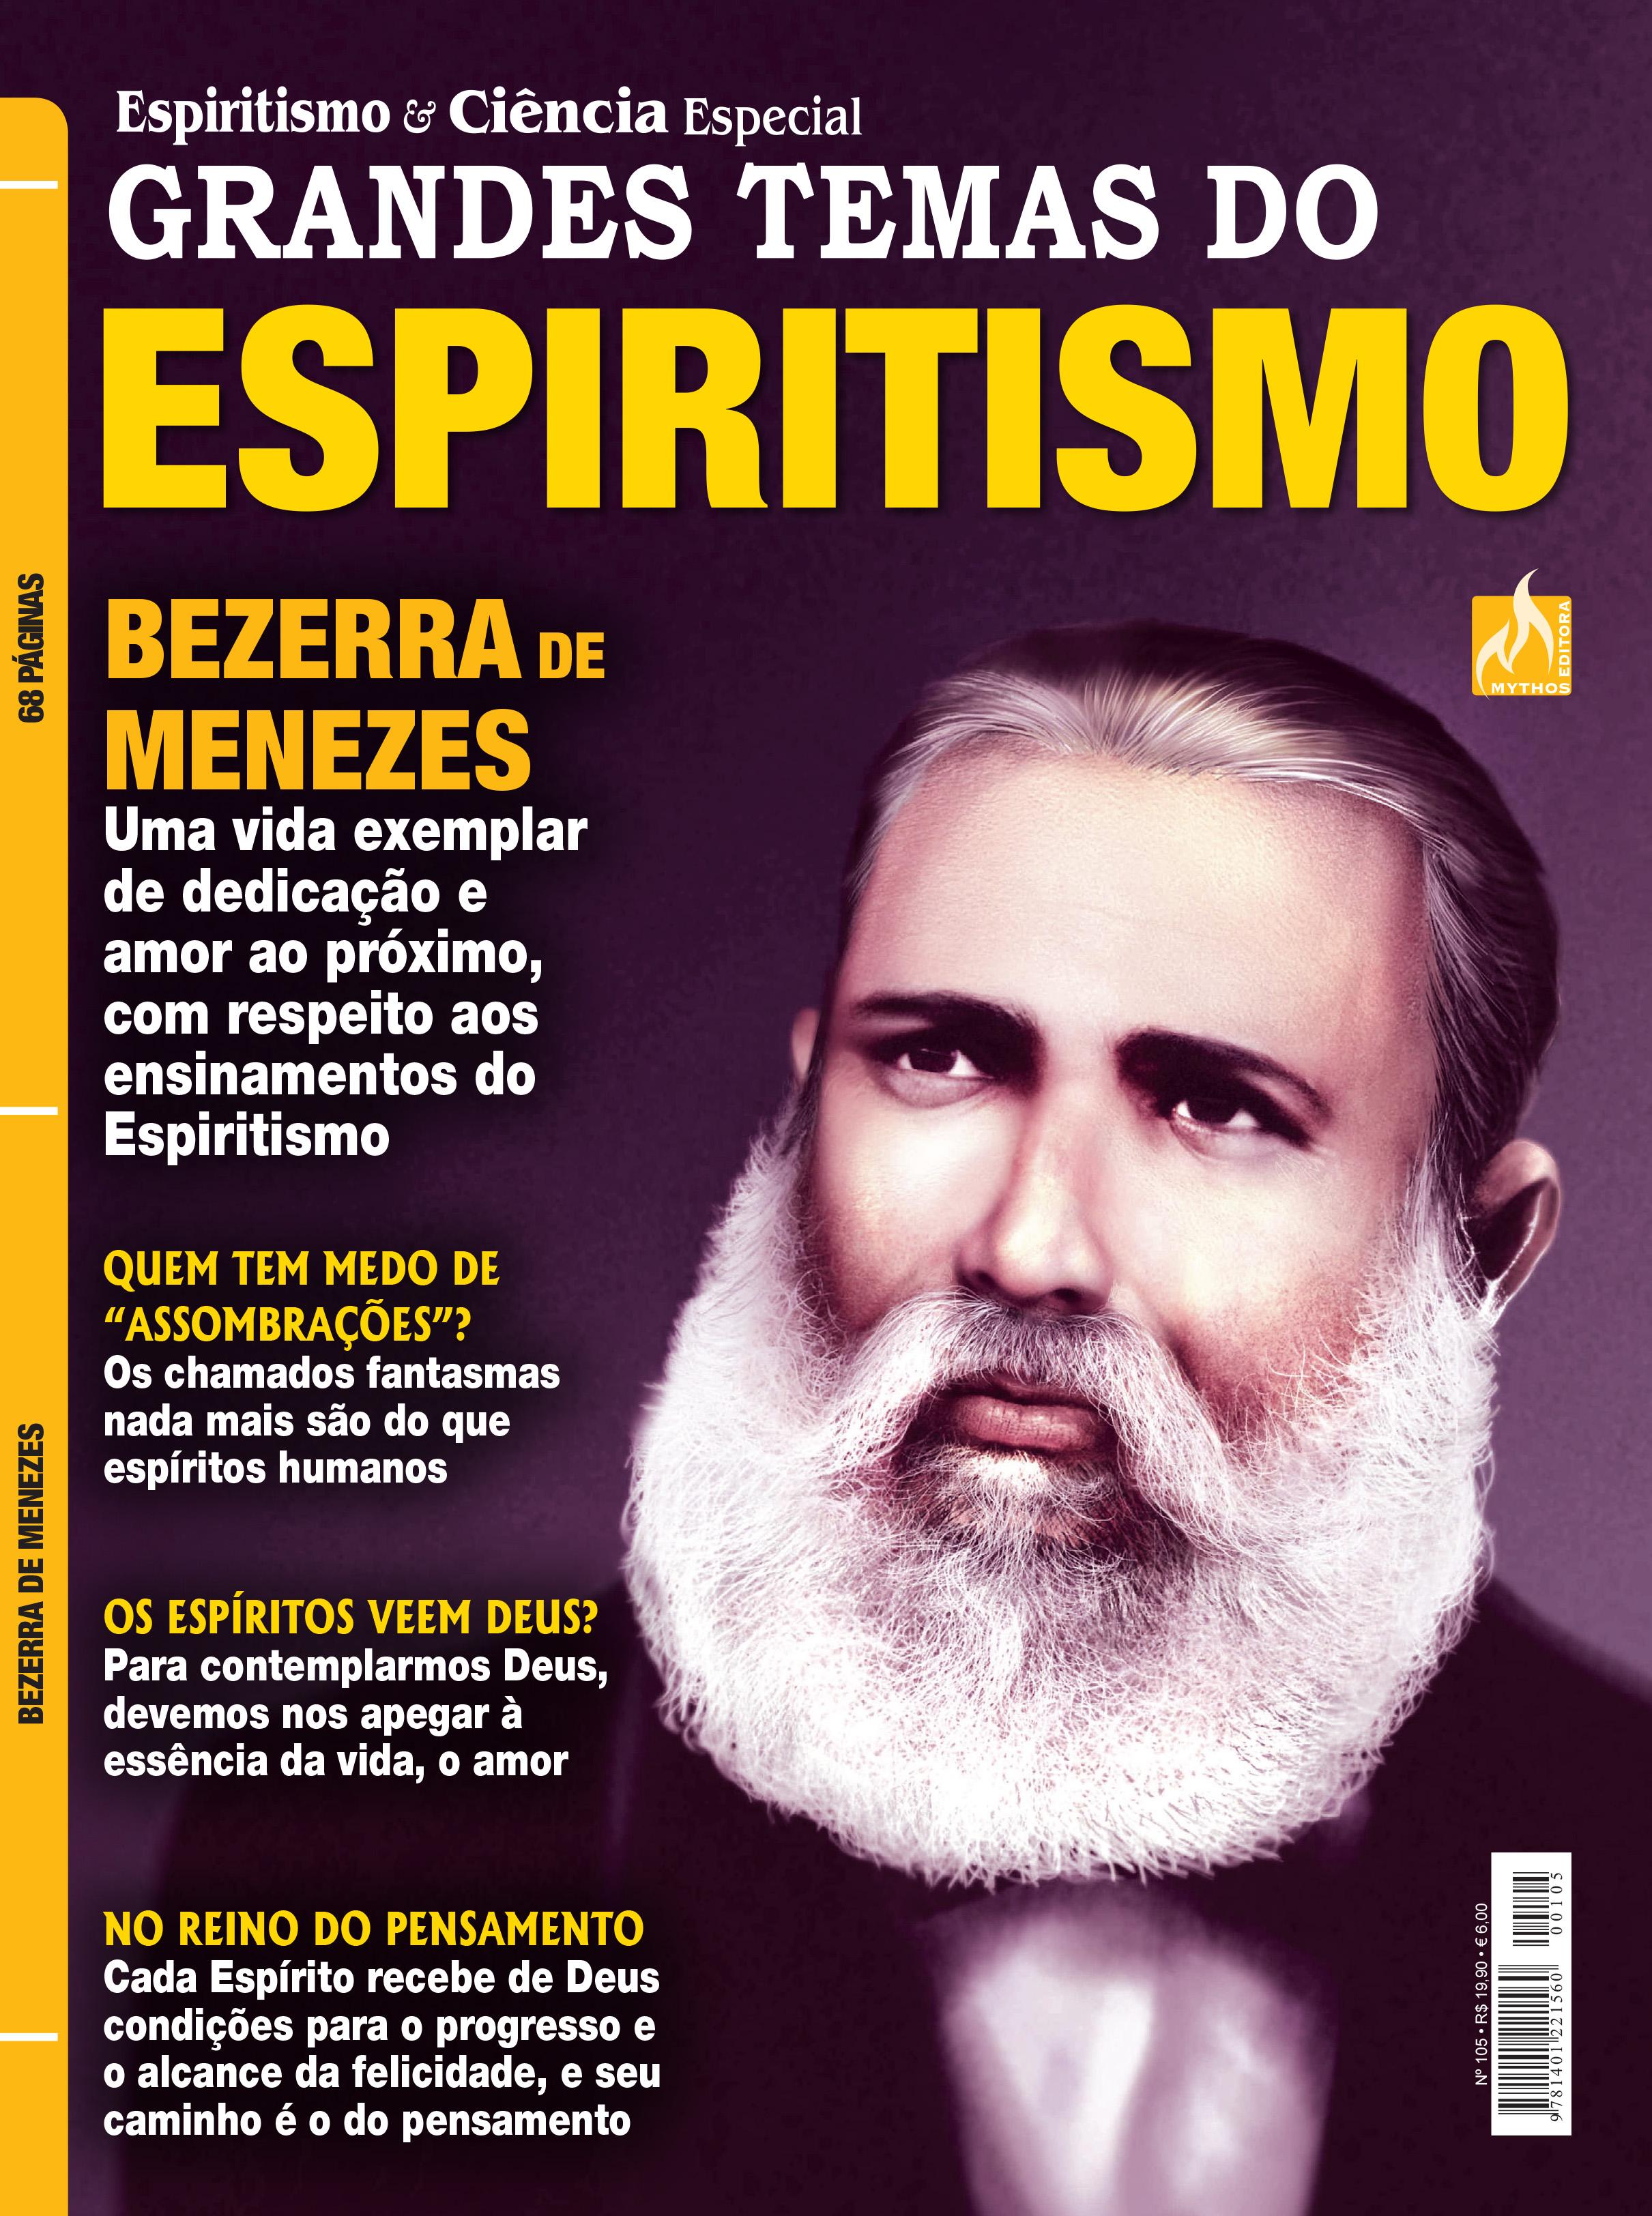 ESPIRITISMO & CIÊNCIA ESP Nº 105